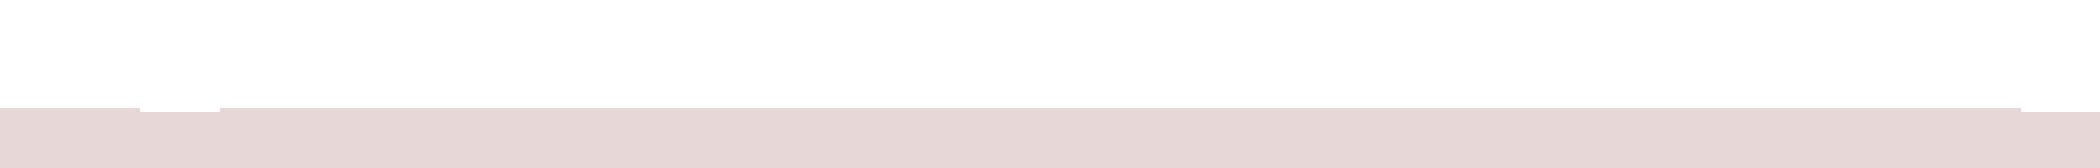 http://www.slimbites.gr/wp-content/uploads/2017/08/pink_divider_bottom.png